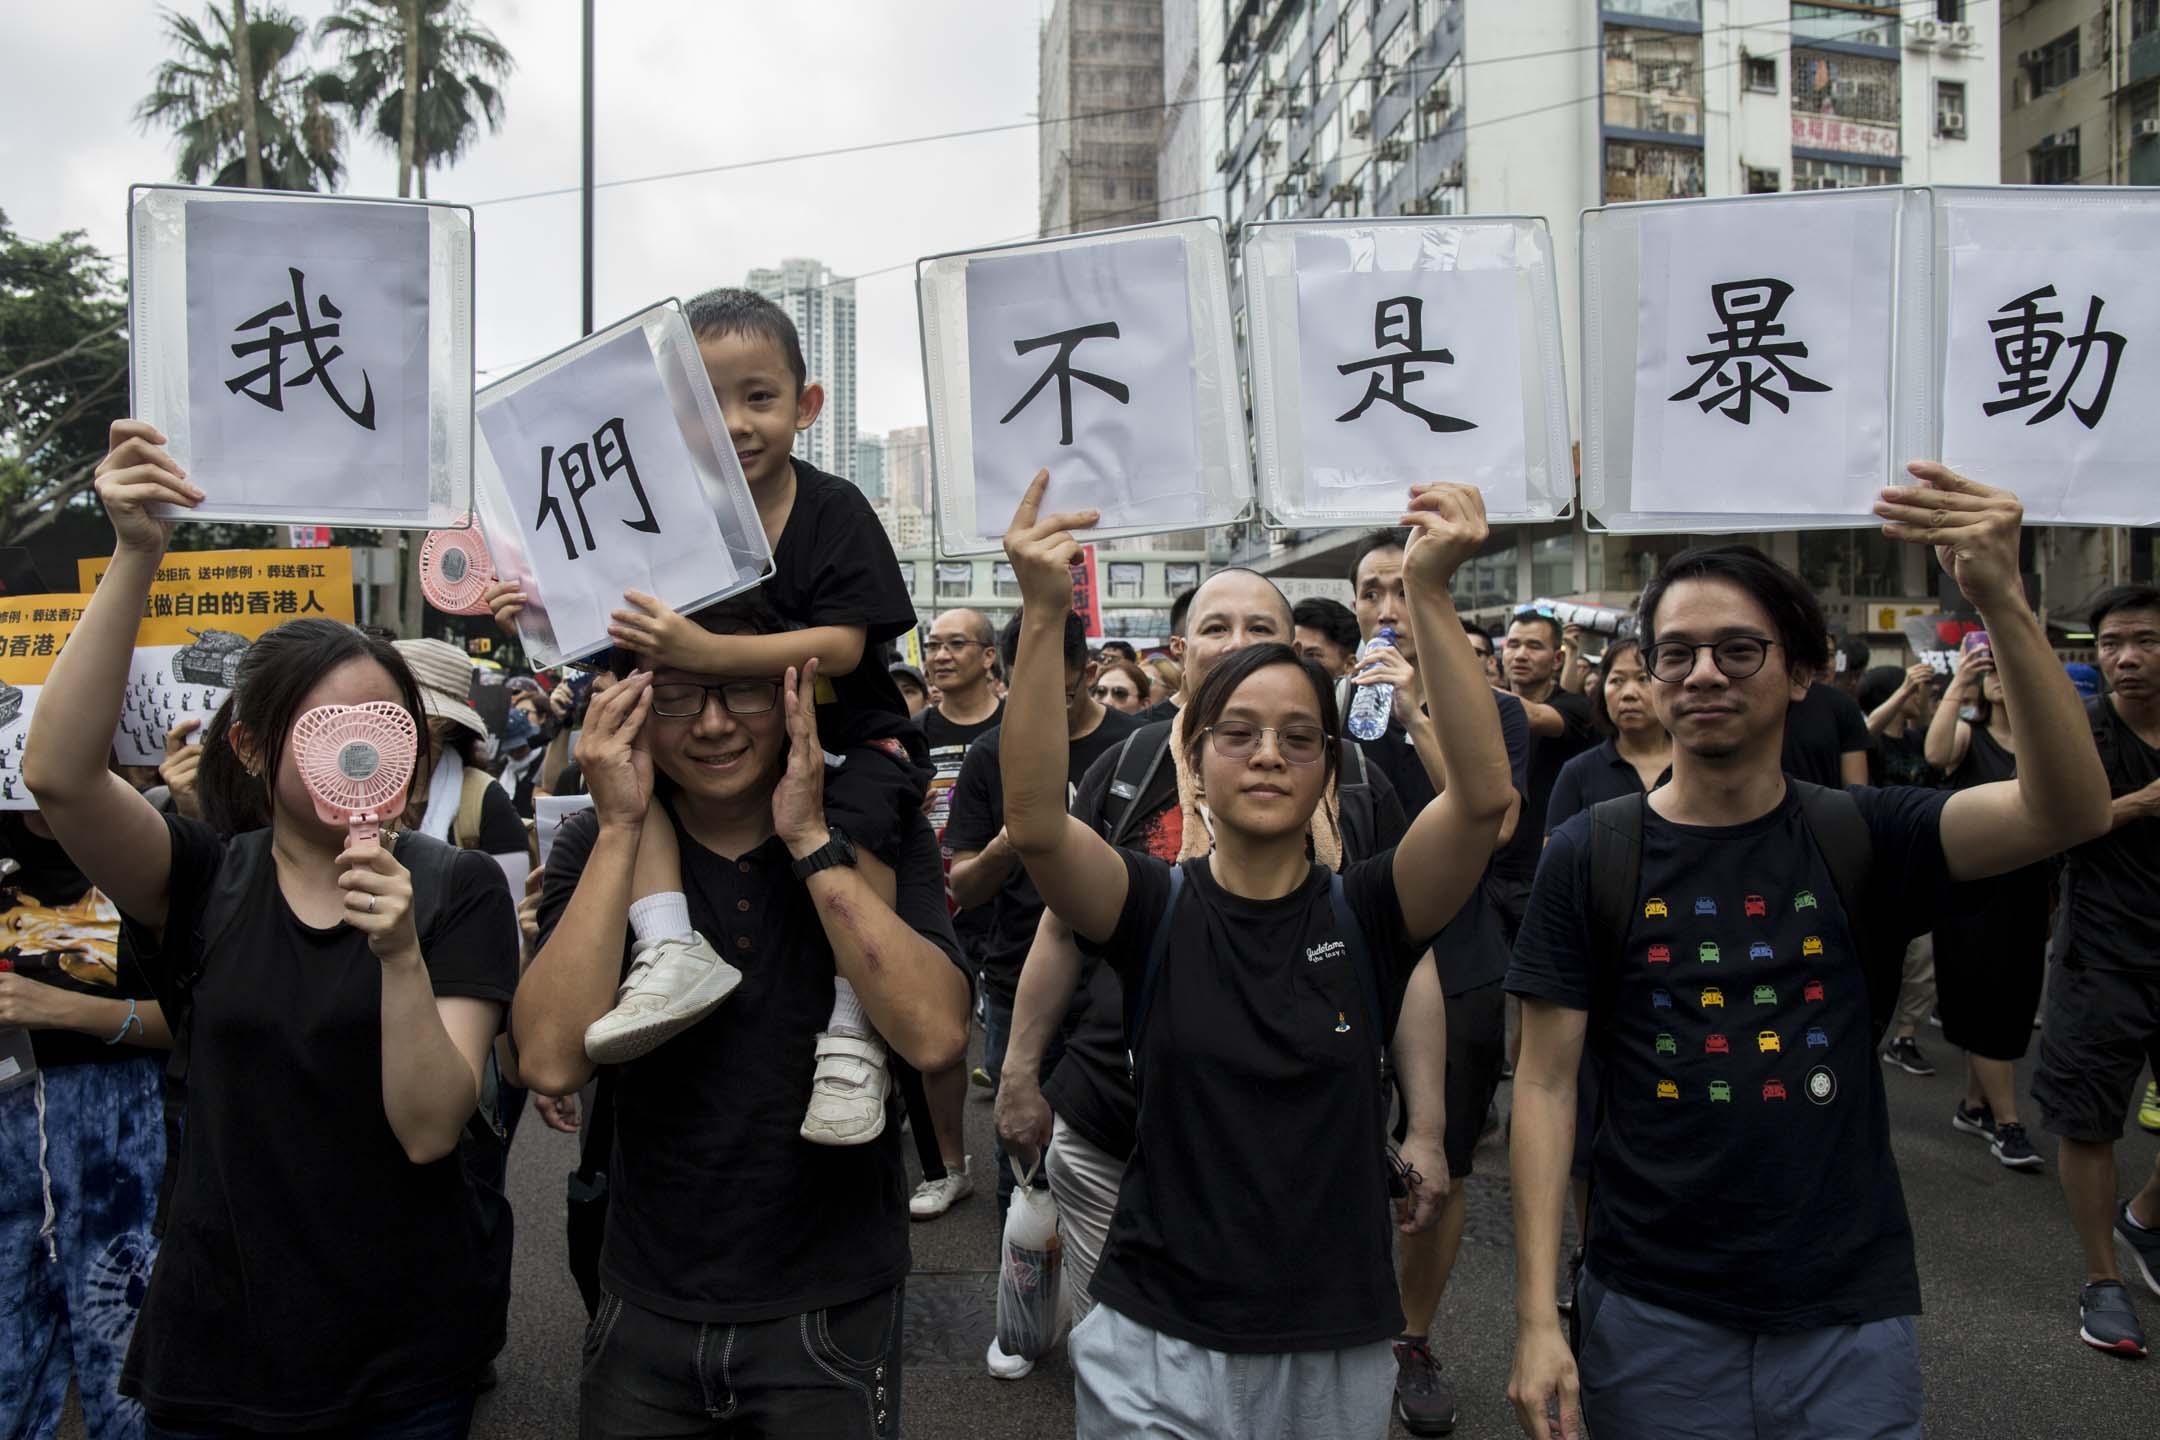 2019年6月16日,民陣反對《逃犯條例》修訂大遊行, 遊行人士高舉「我們不是暴民」標語參與其中。  攝:林振東/端傳媒